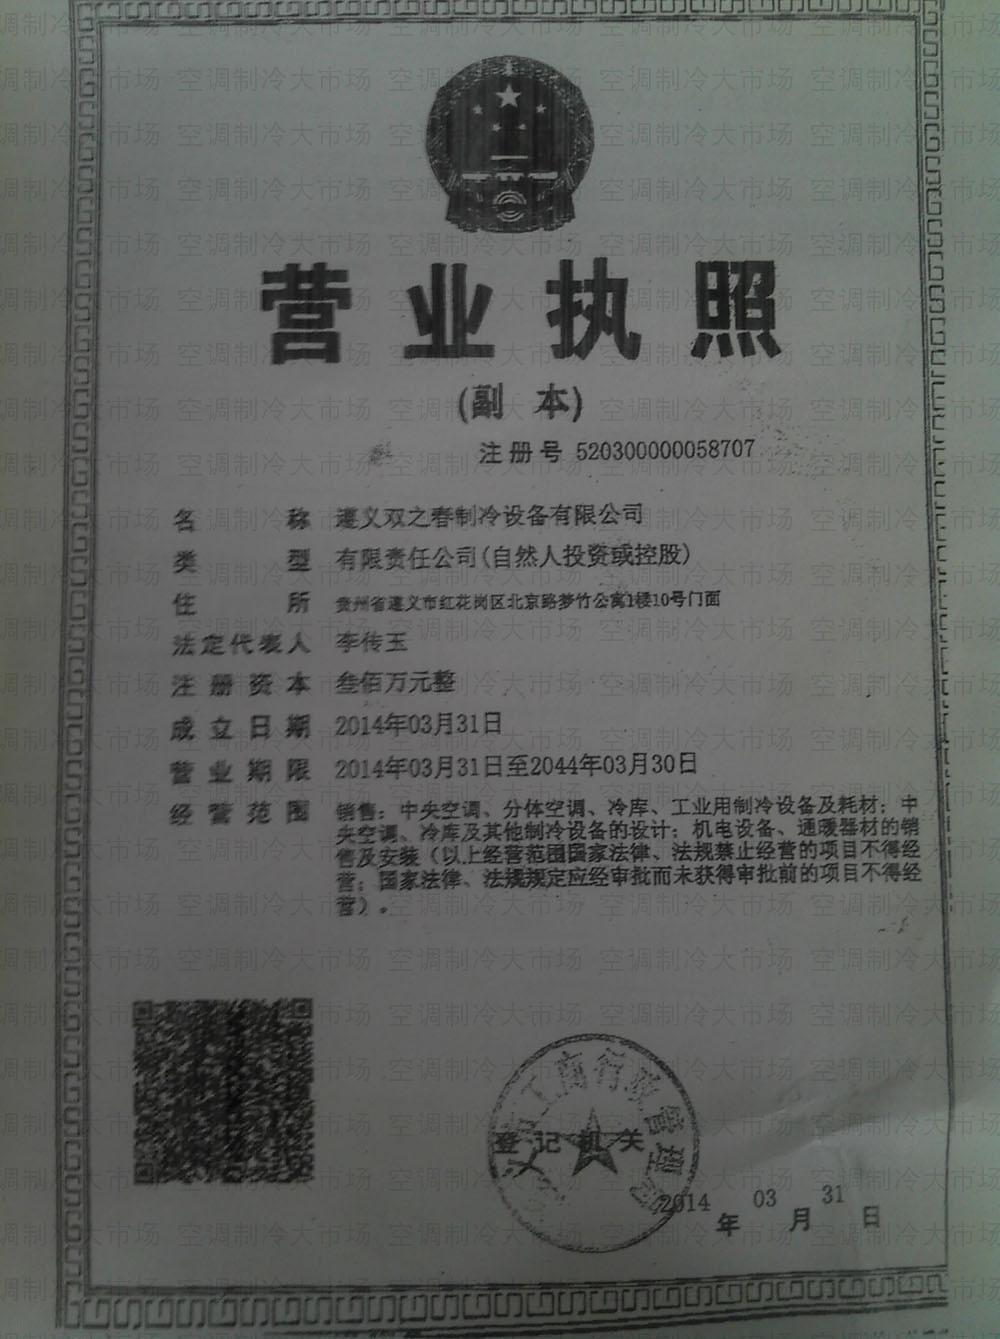 遵义双之春制冷设备有限公司营业执照